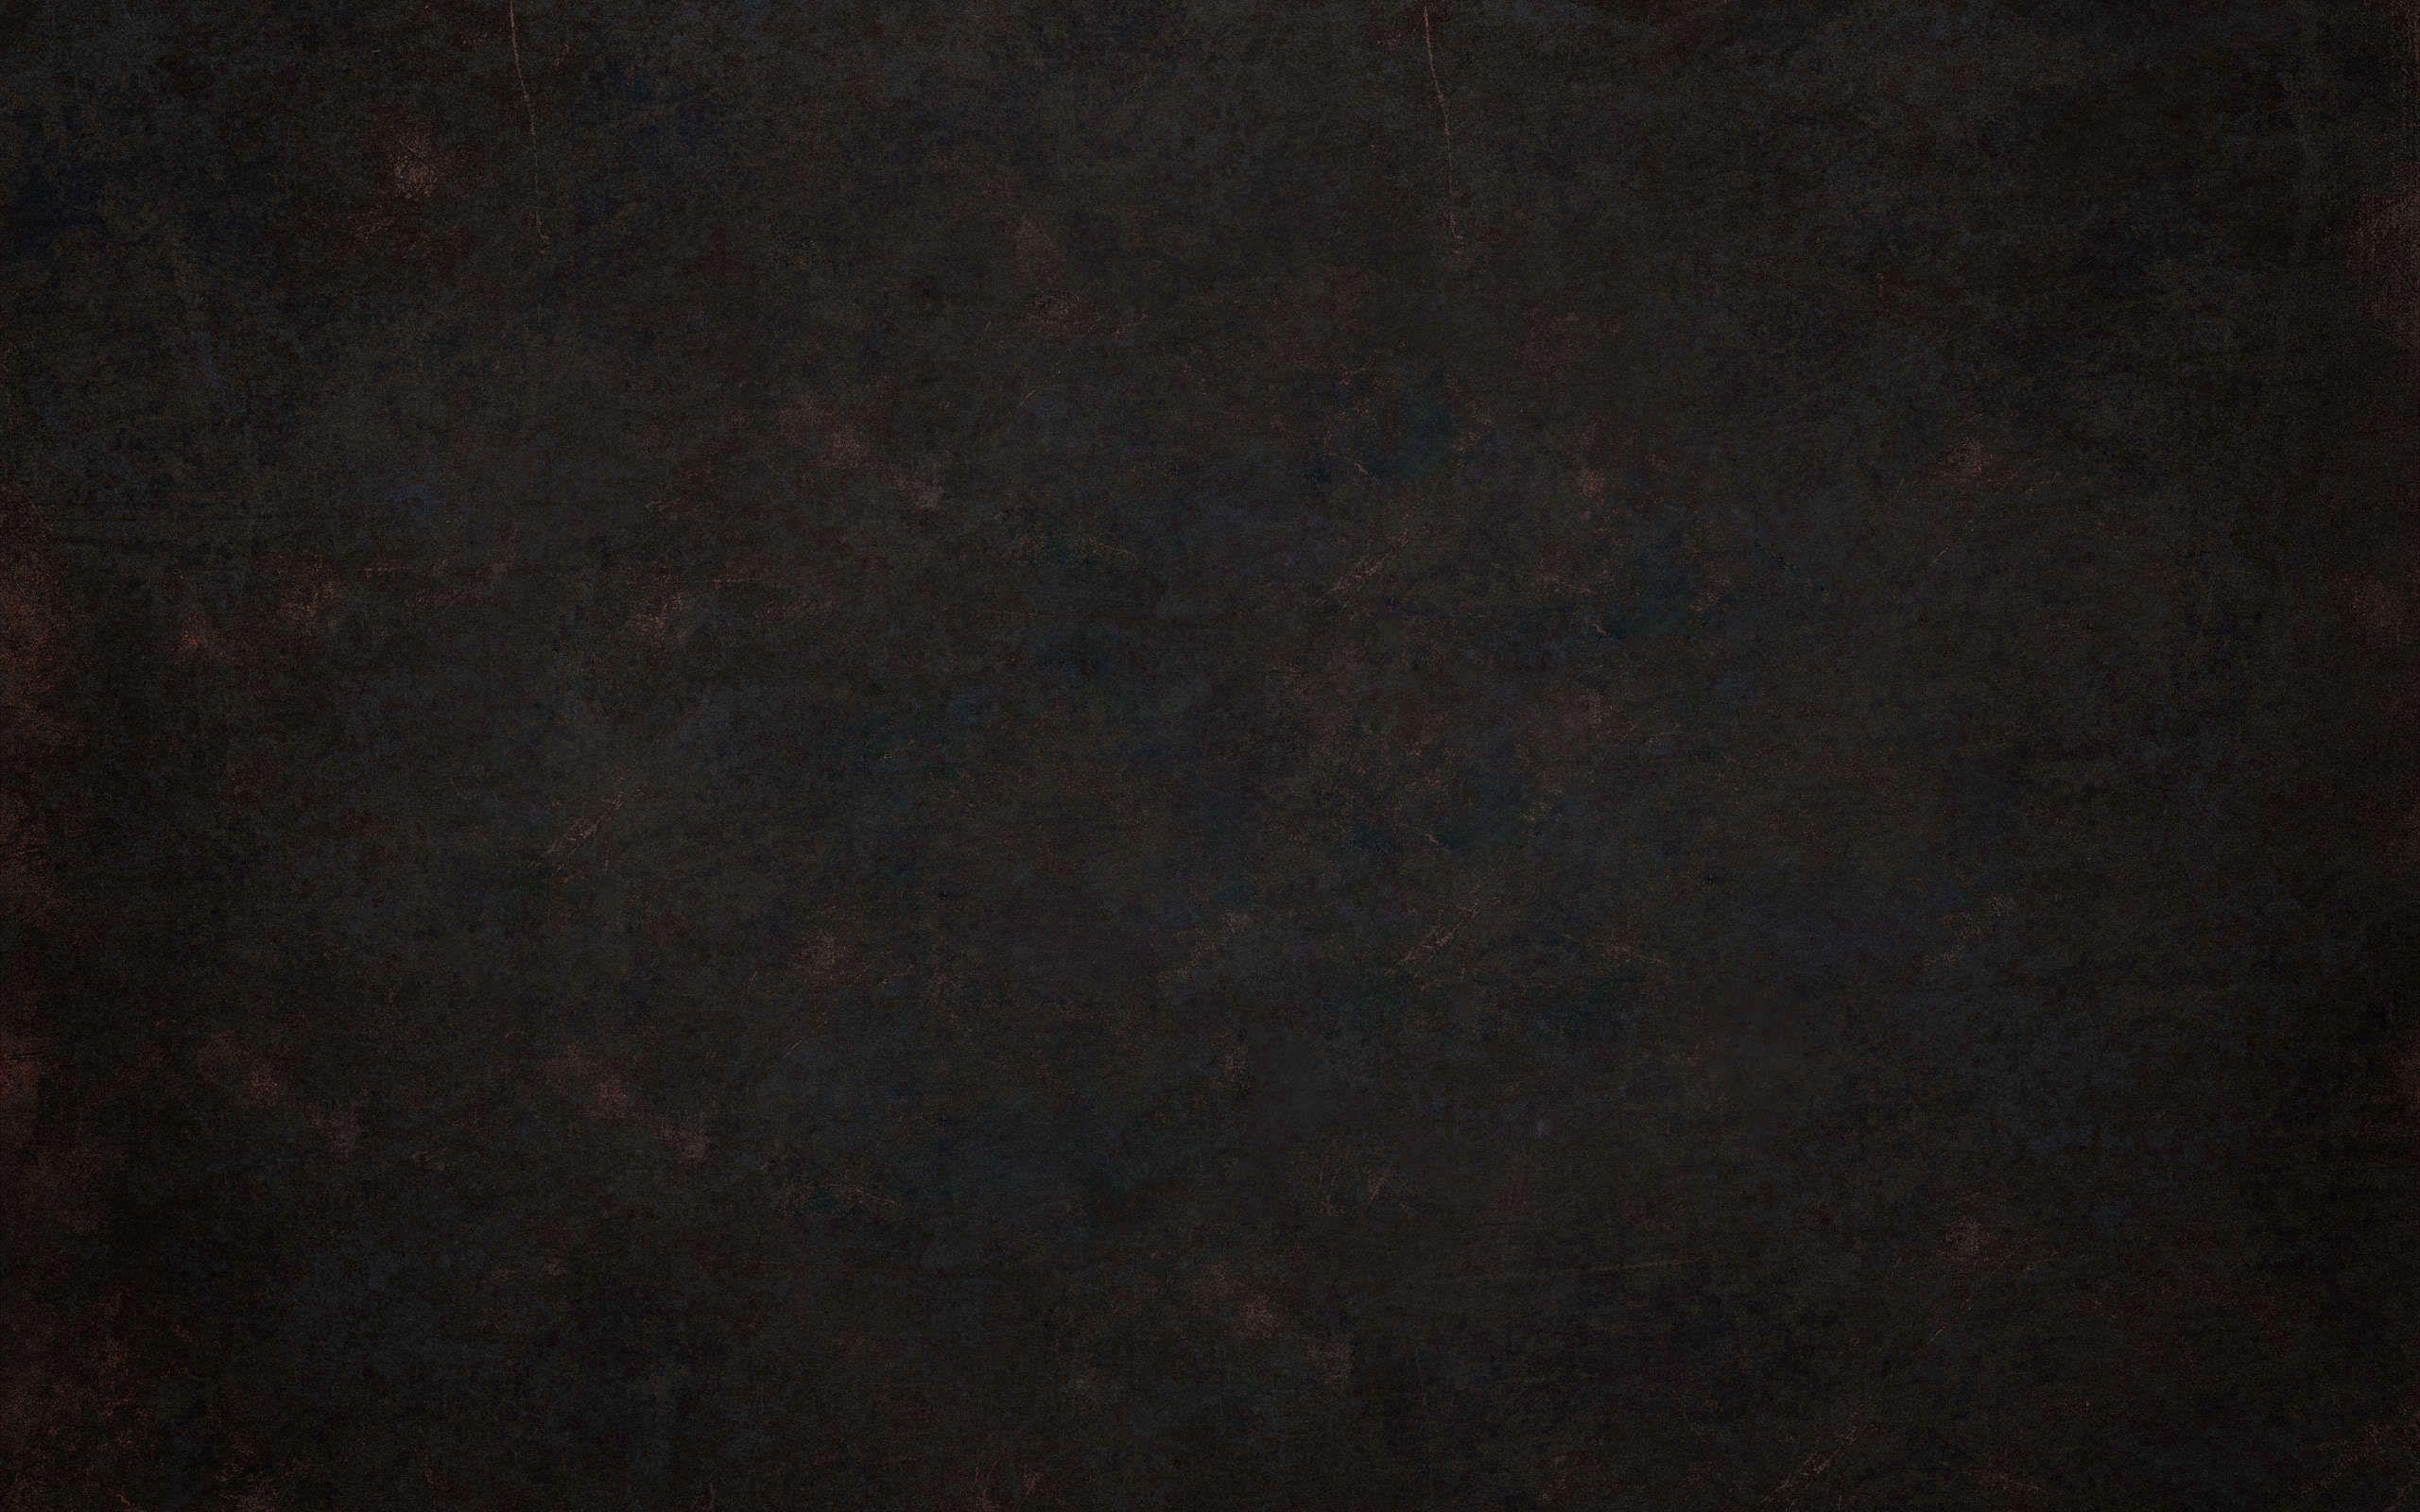 132186 скачать обои Текстуры, Поверхность, Фон, Темный, Гранж - заставки и картинки бесплатно